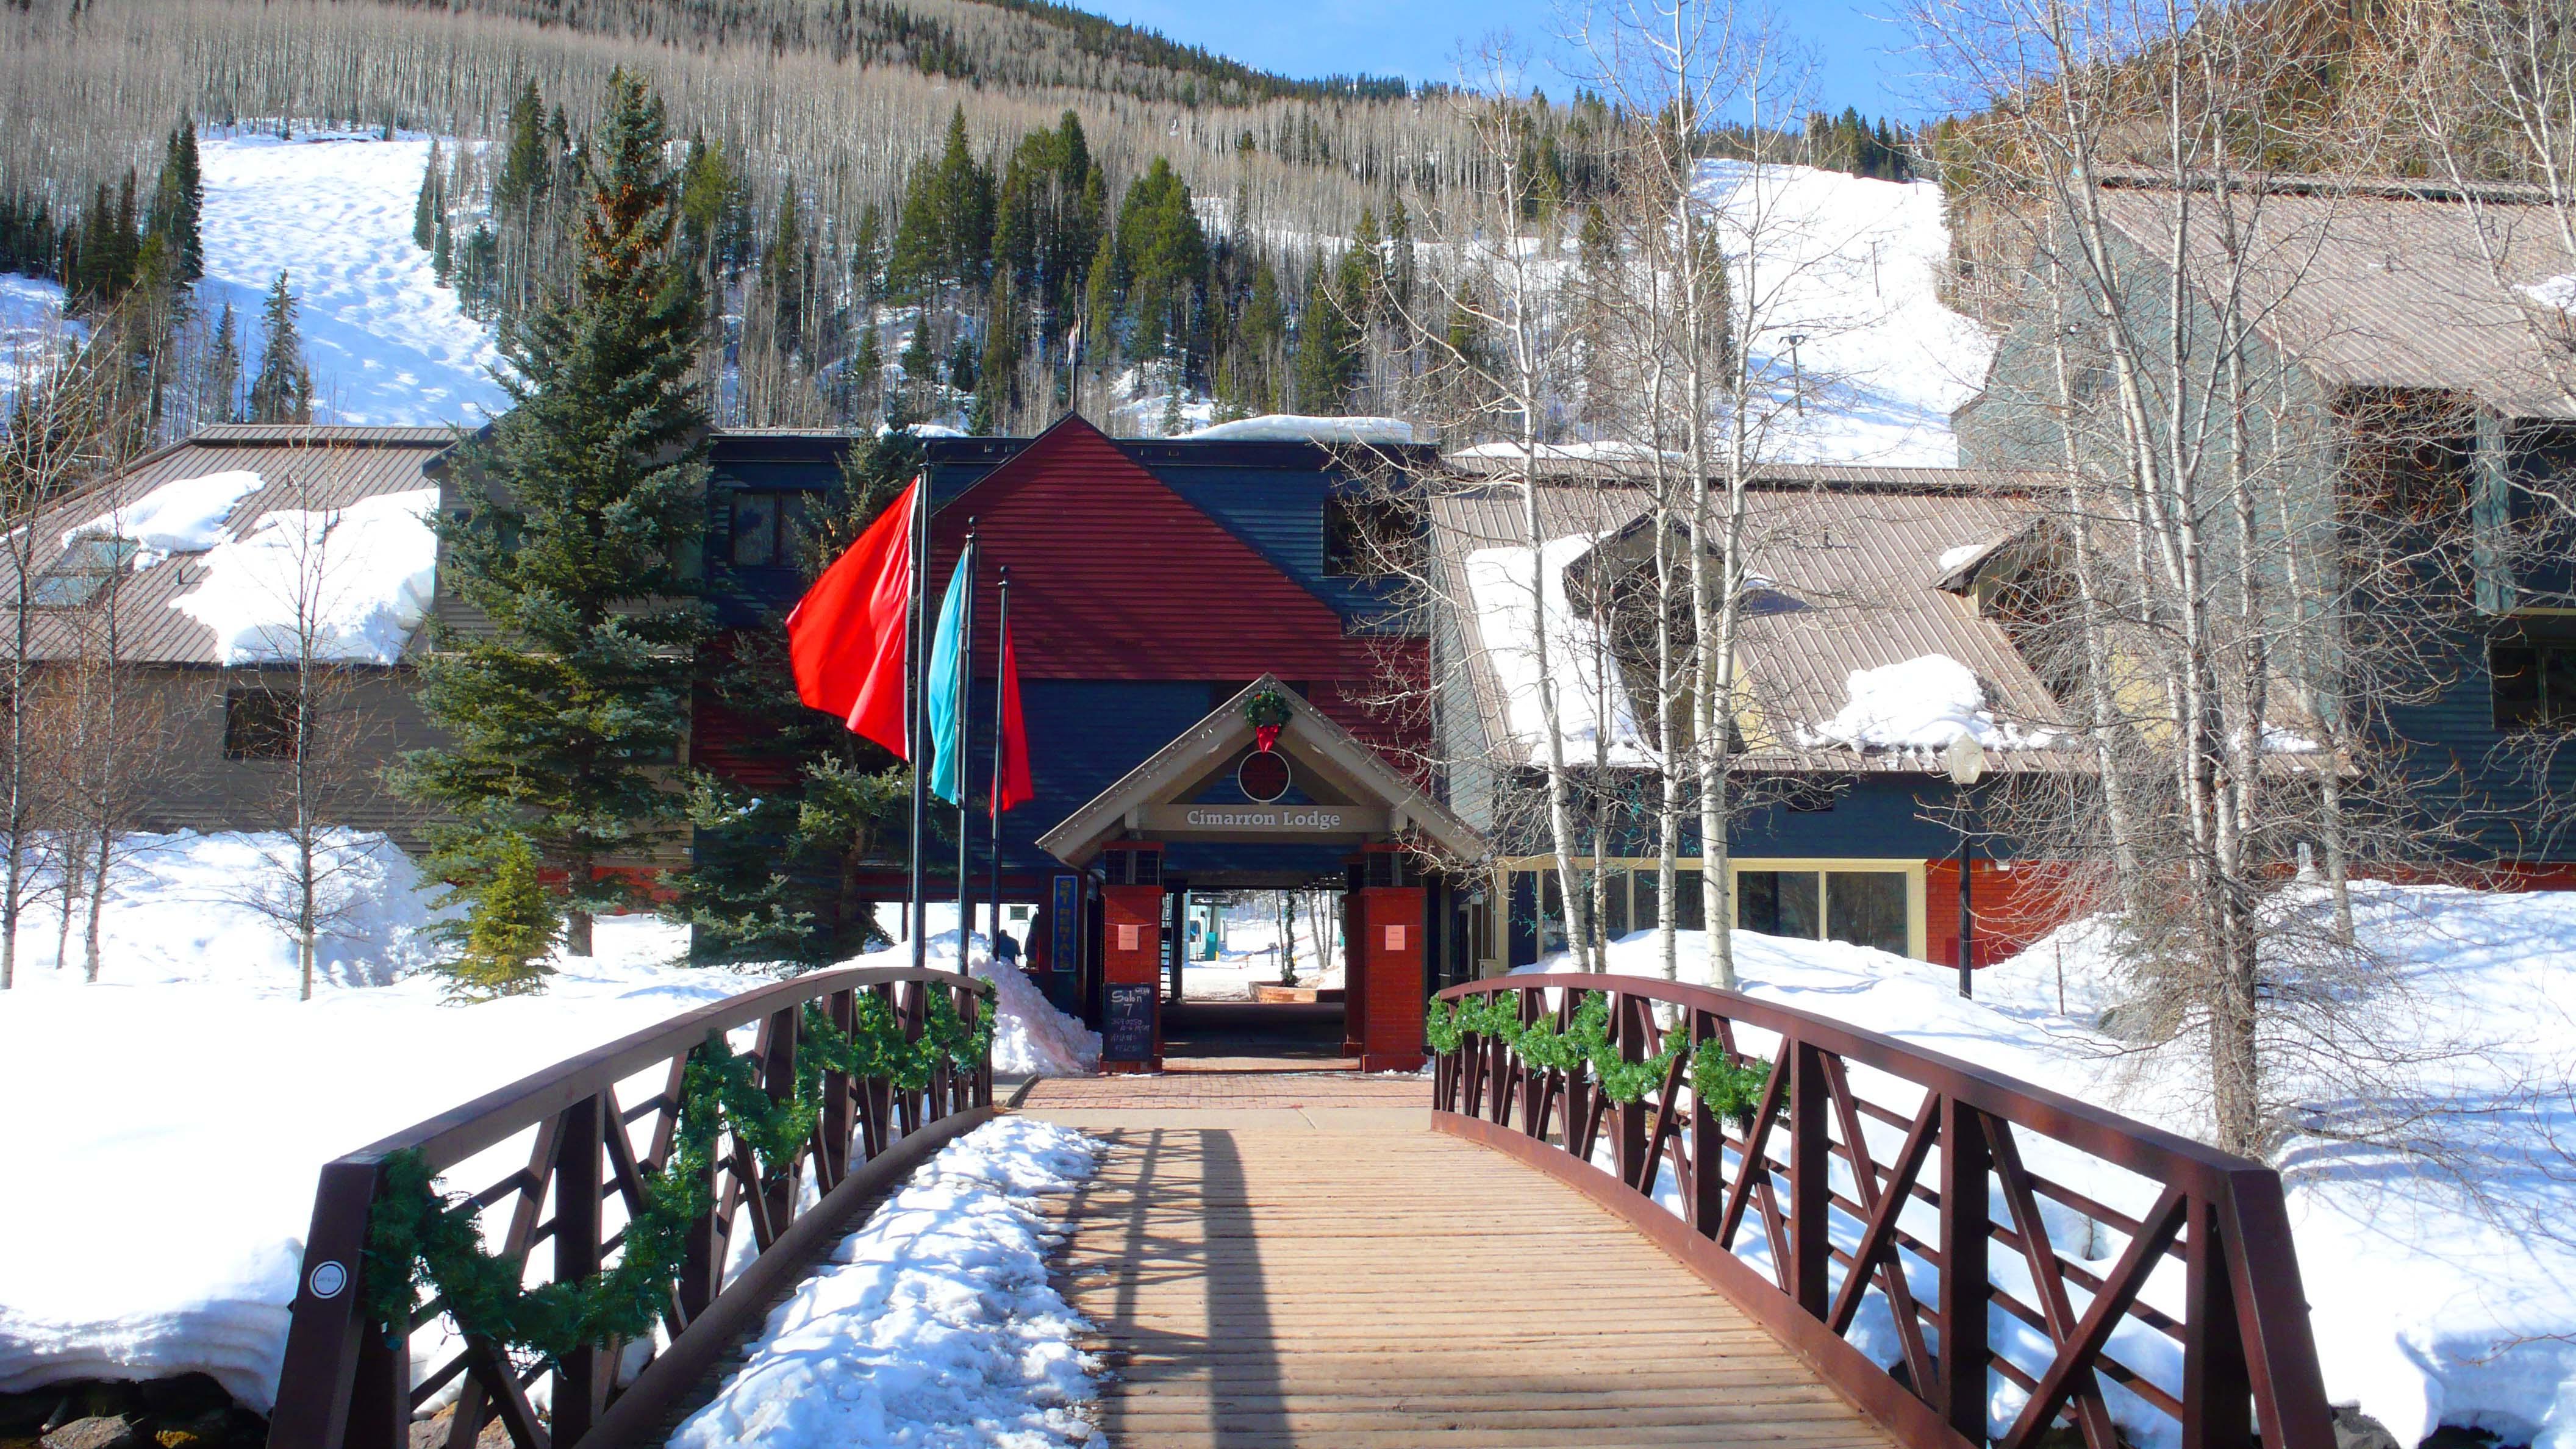 Cimarron Lodge